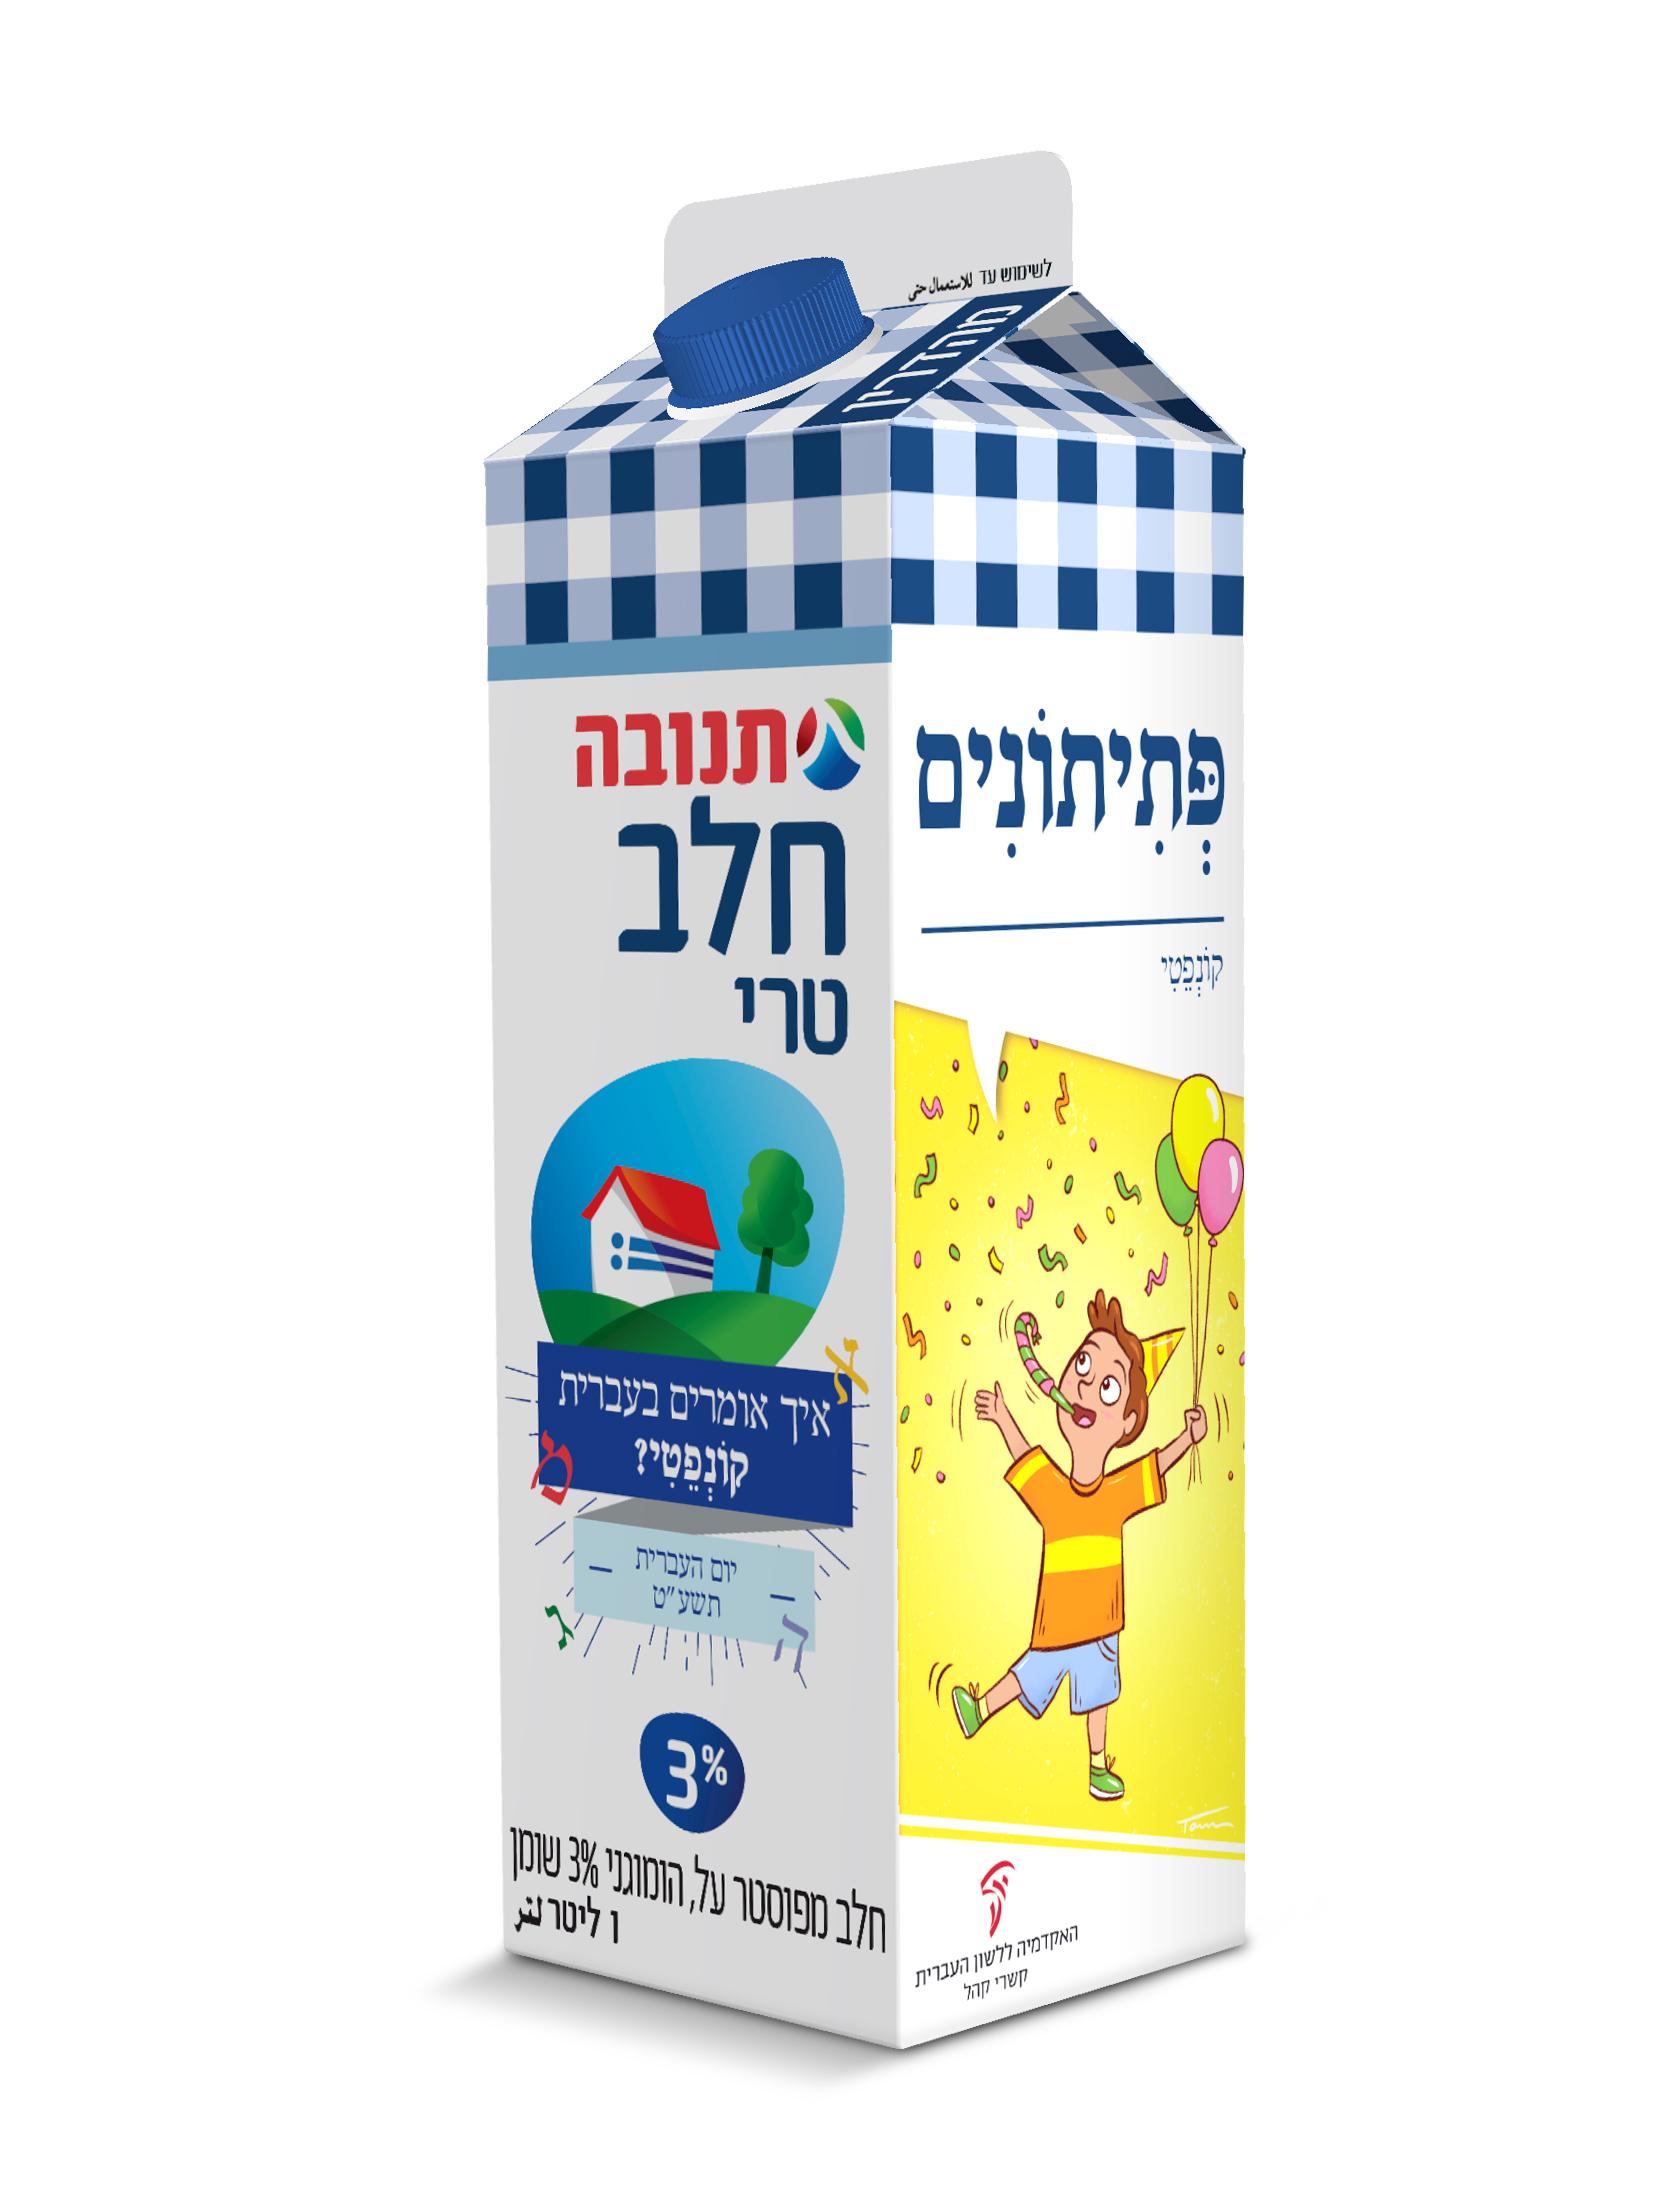 """צילום קרטון חלב יום העברית תשע""""ט - איור מילה """"פתיתונים"""""""